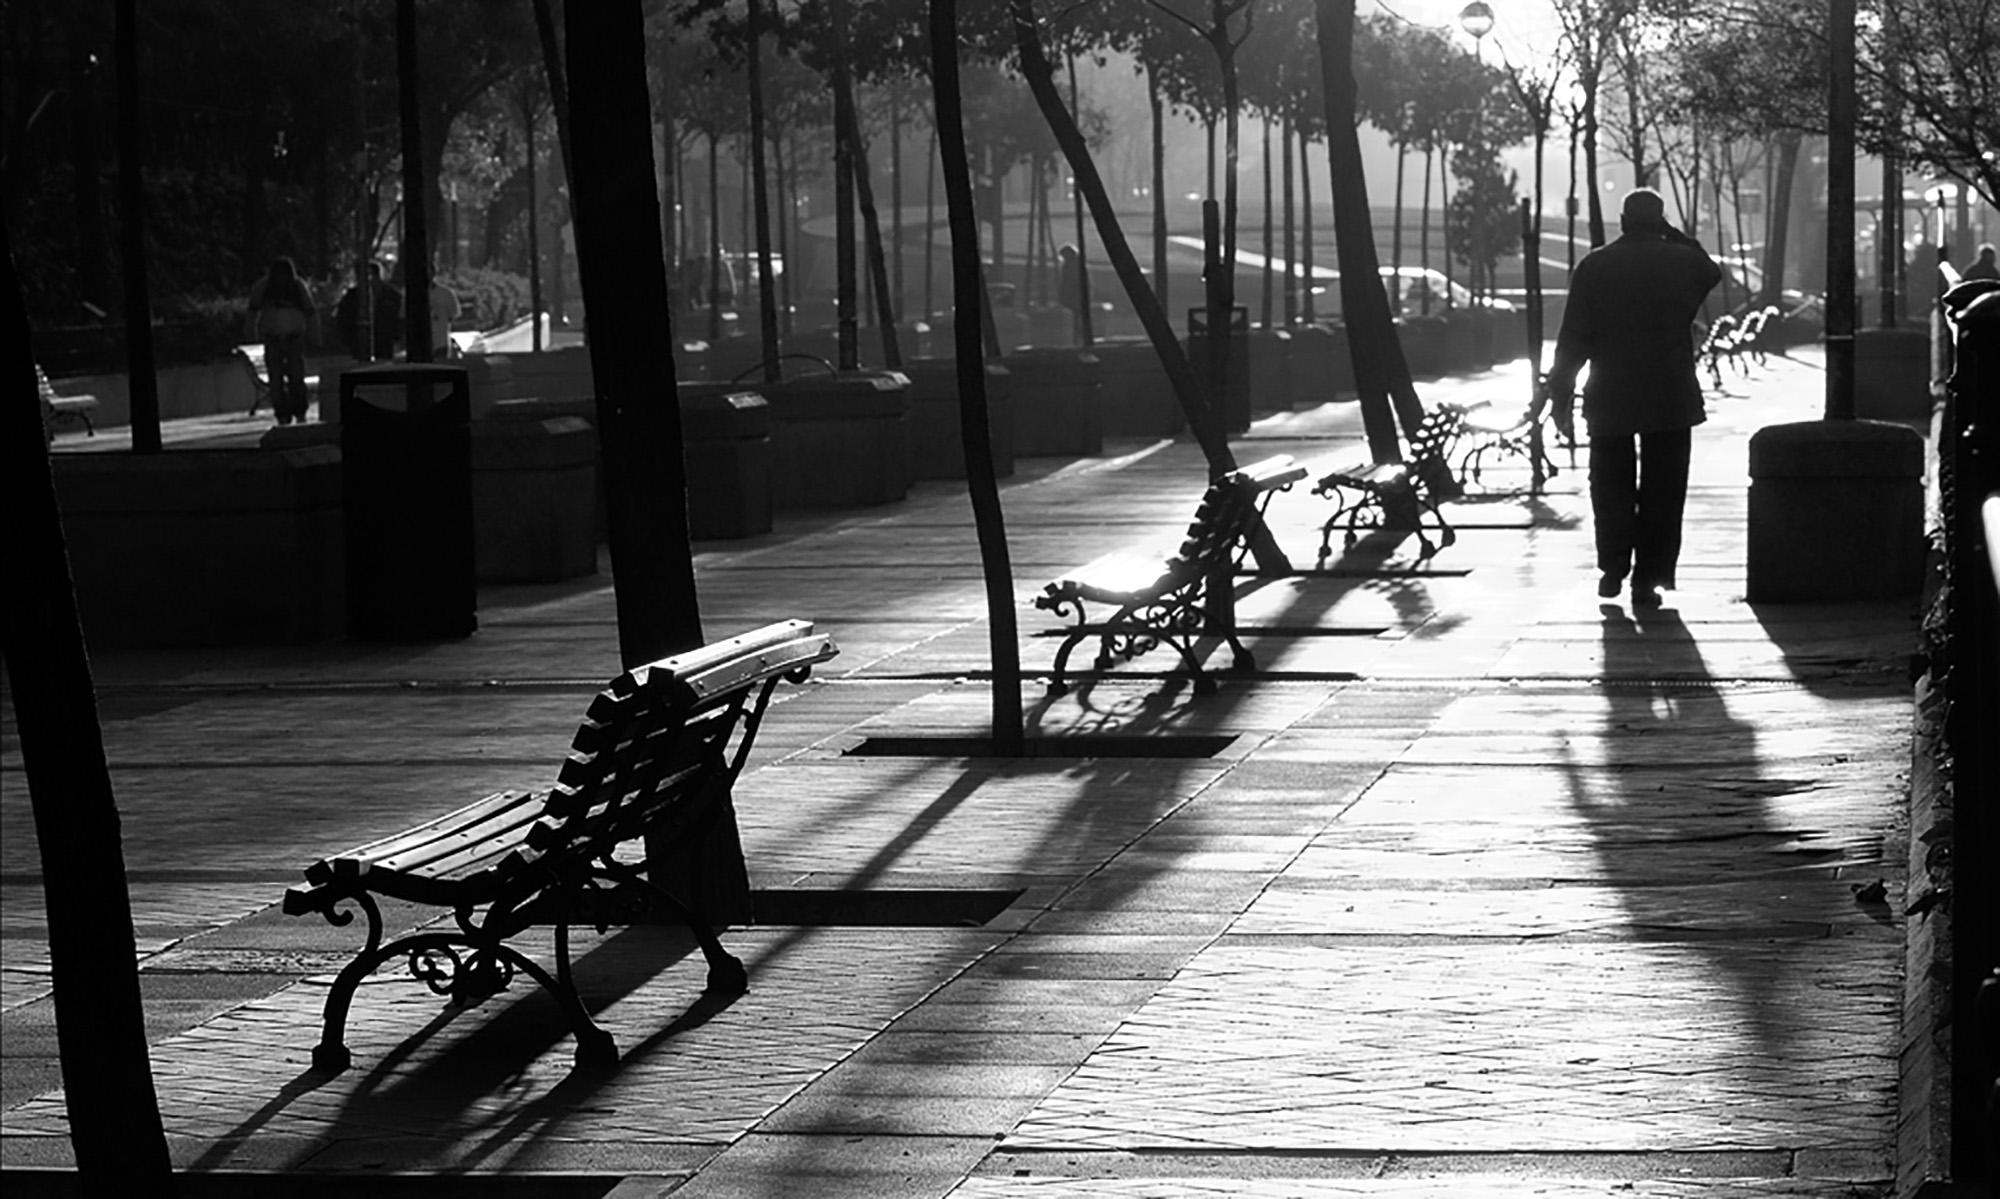 Amanecer en Madrid, foto Alfonso Esteban (STB Estudio)